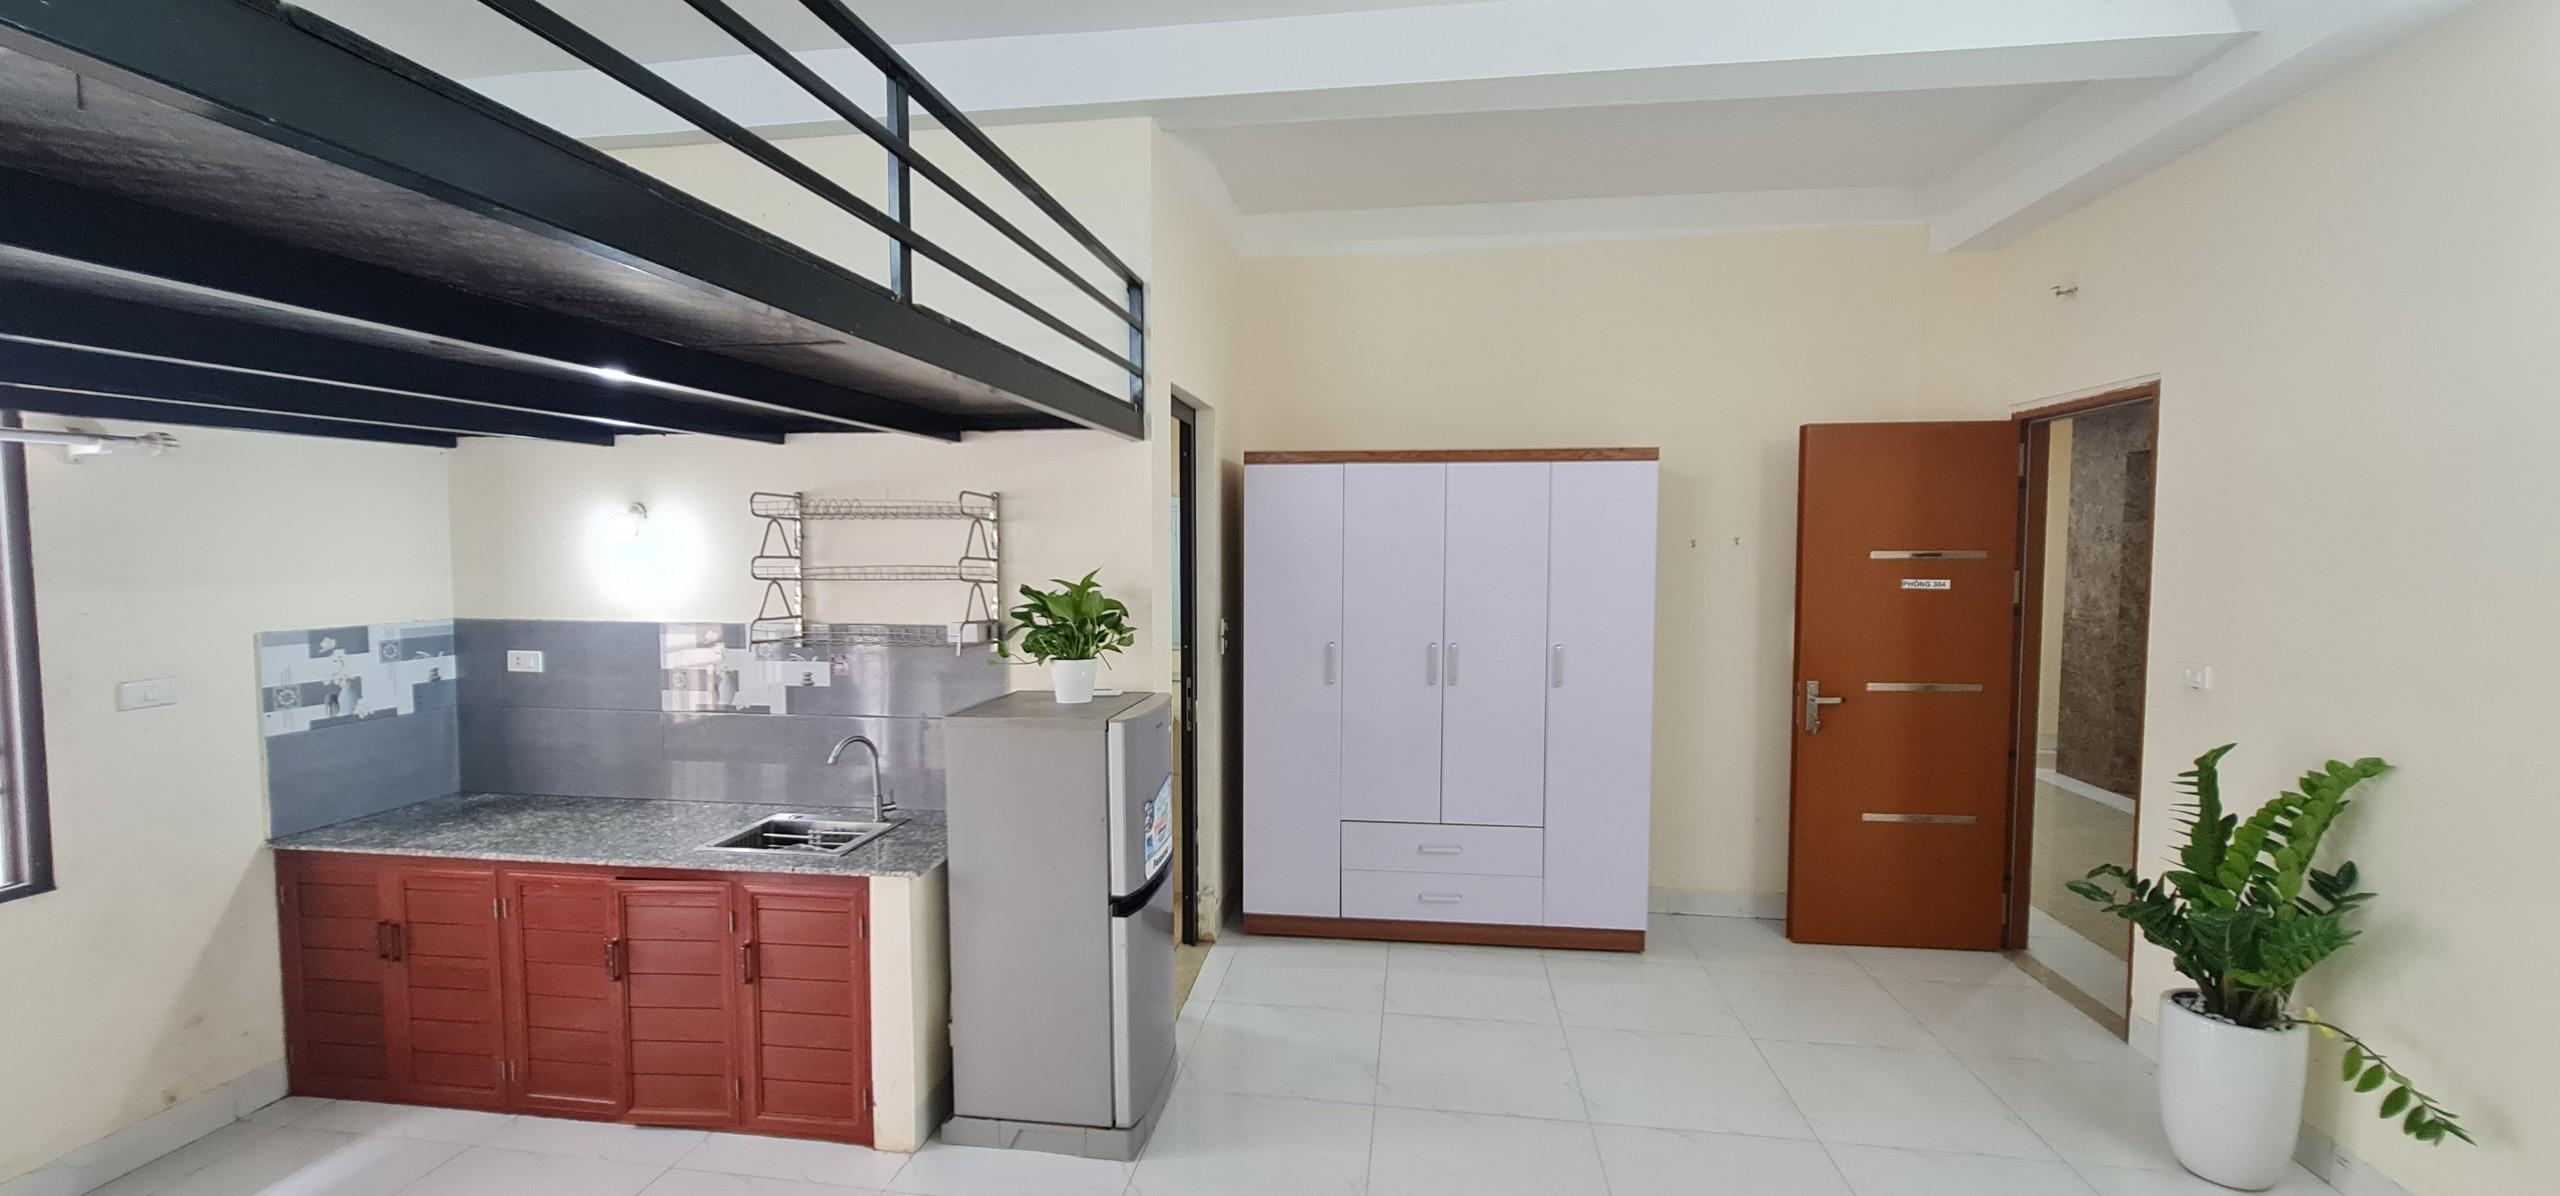 Cho thuê gấp căn hộ dịch vụ Chung cư mini, gần Khương Đình